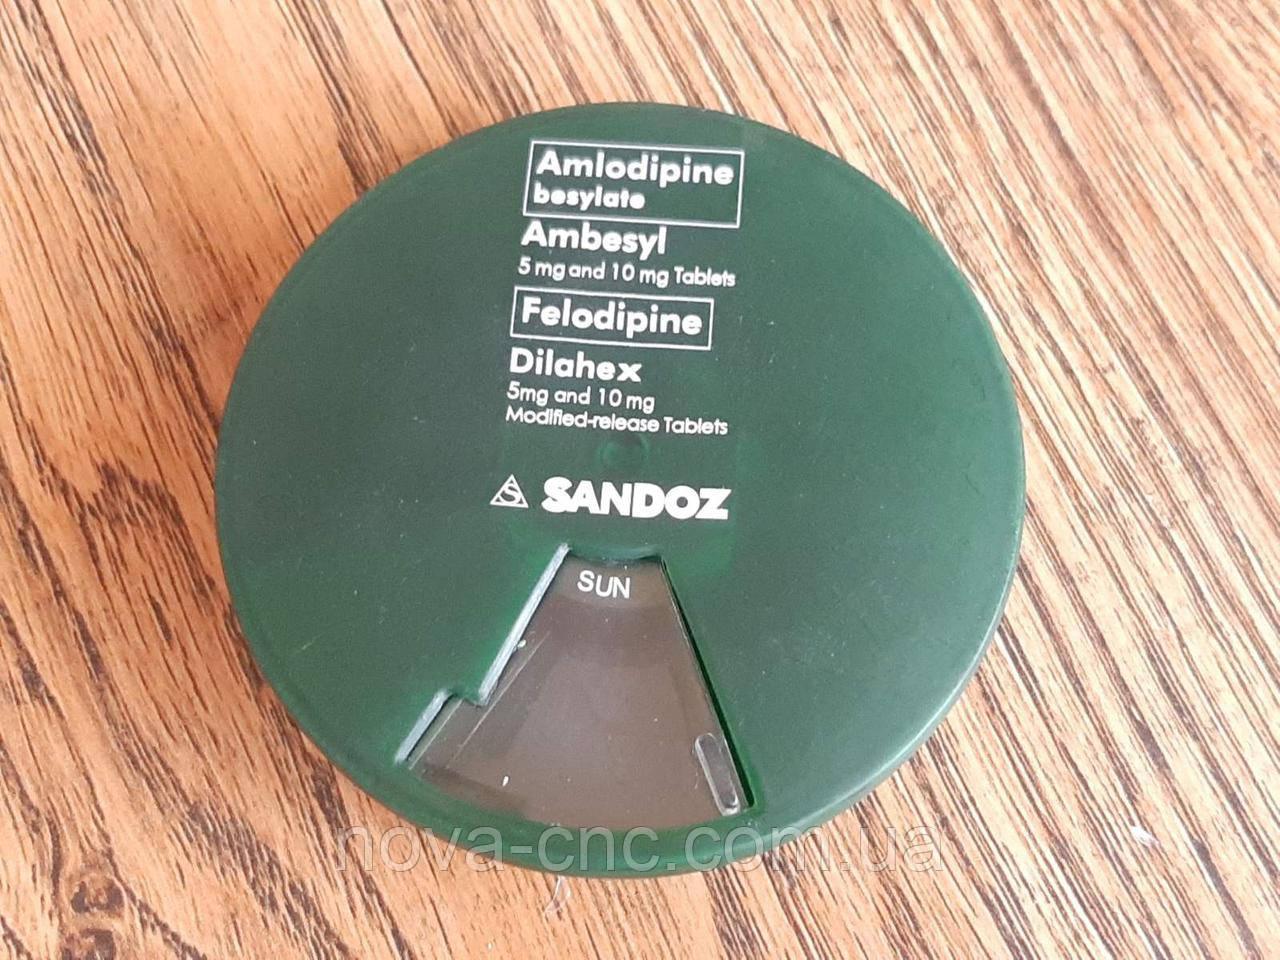 Органайзер-таблетница 7 клітинок висота 1,5 см, діаметр 8,5 см